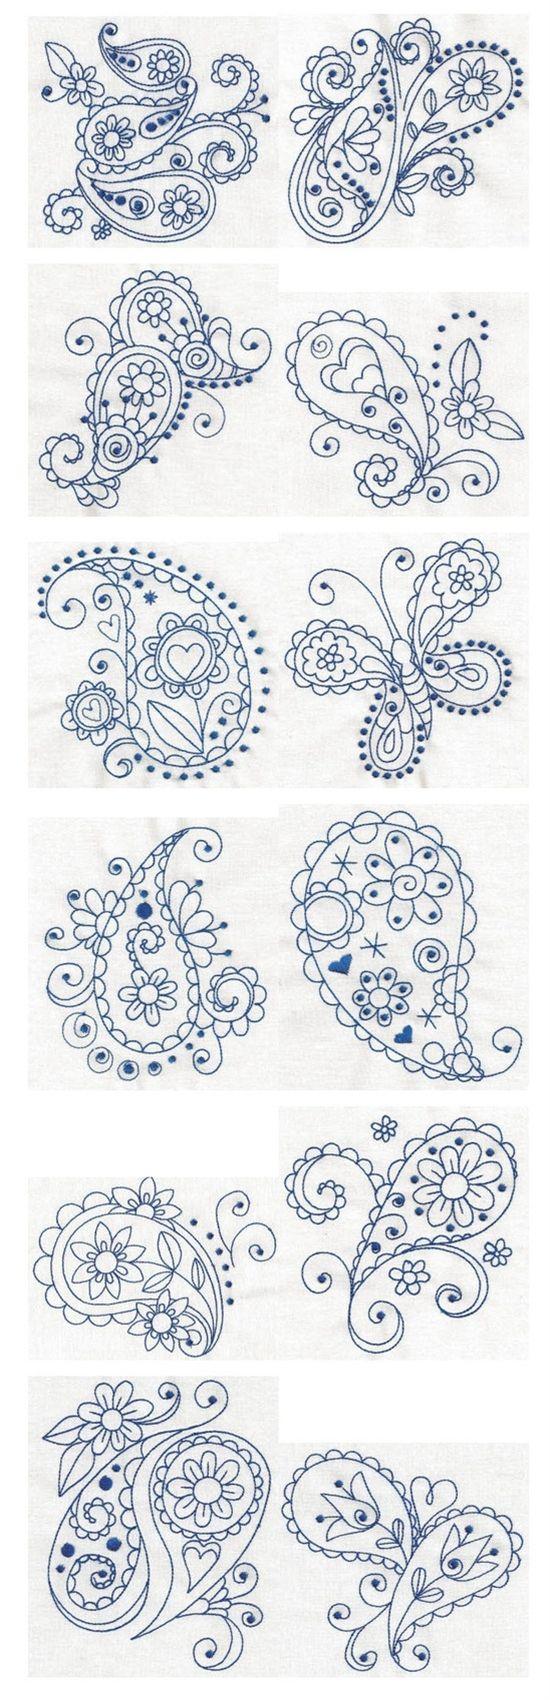 Embroidery | Bordado, Mandalas y Patrones